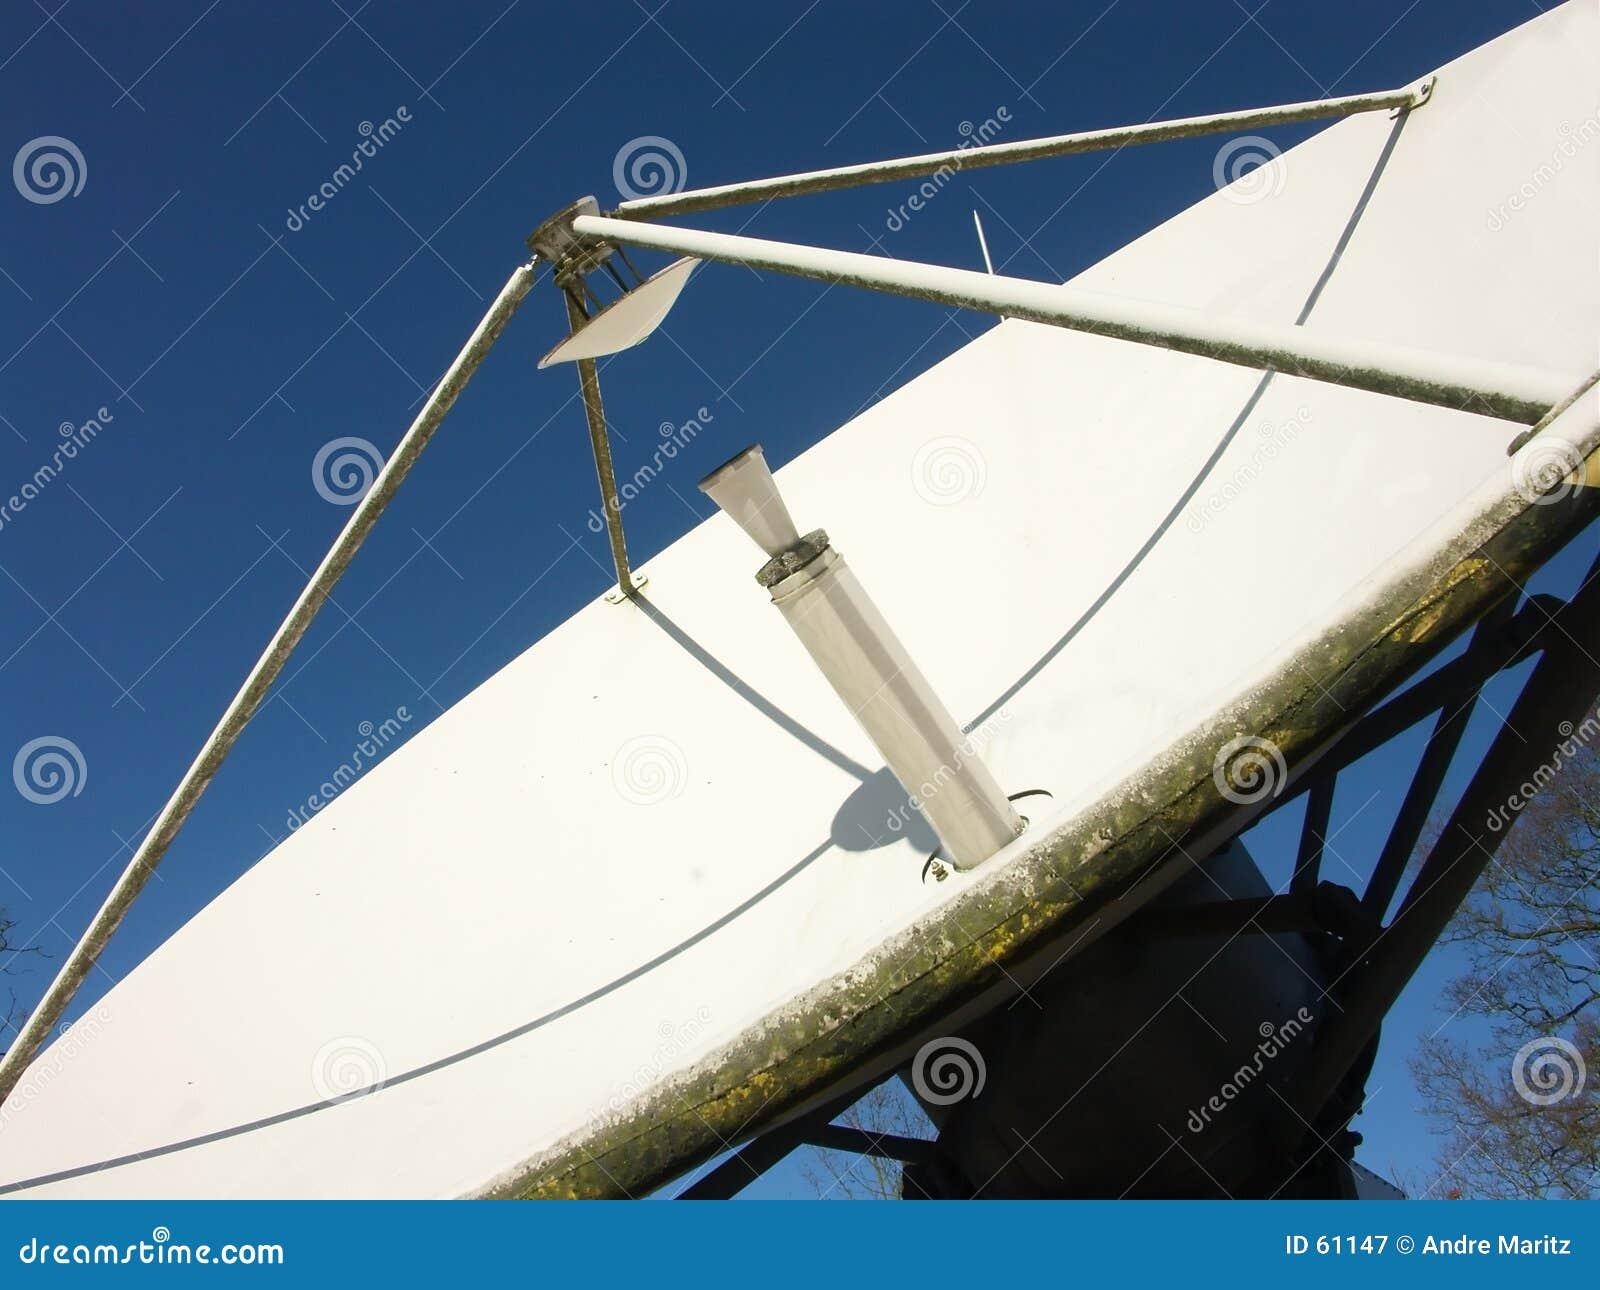 Satelliet uitzendingsschotel